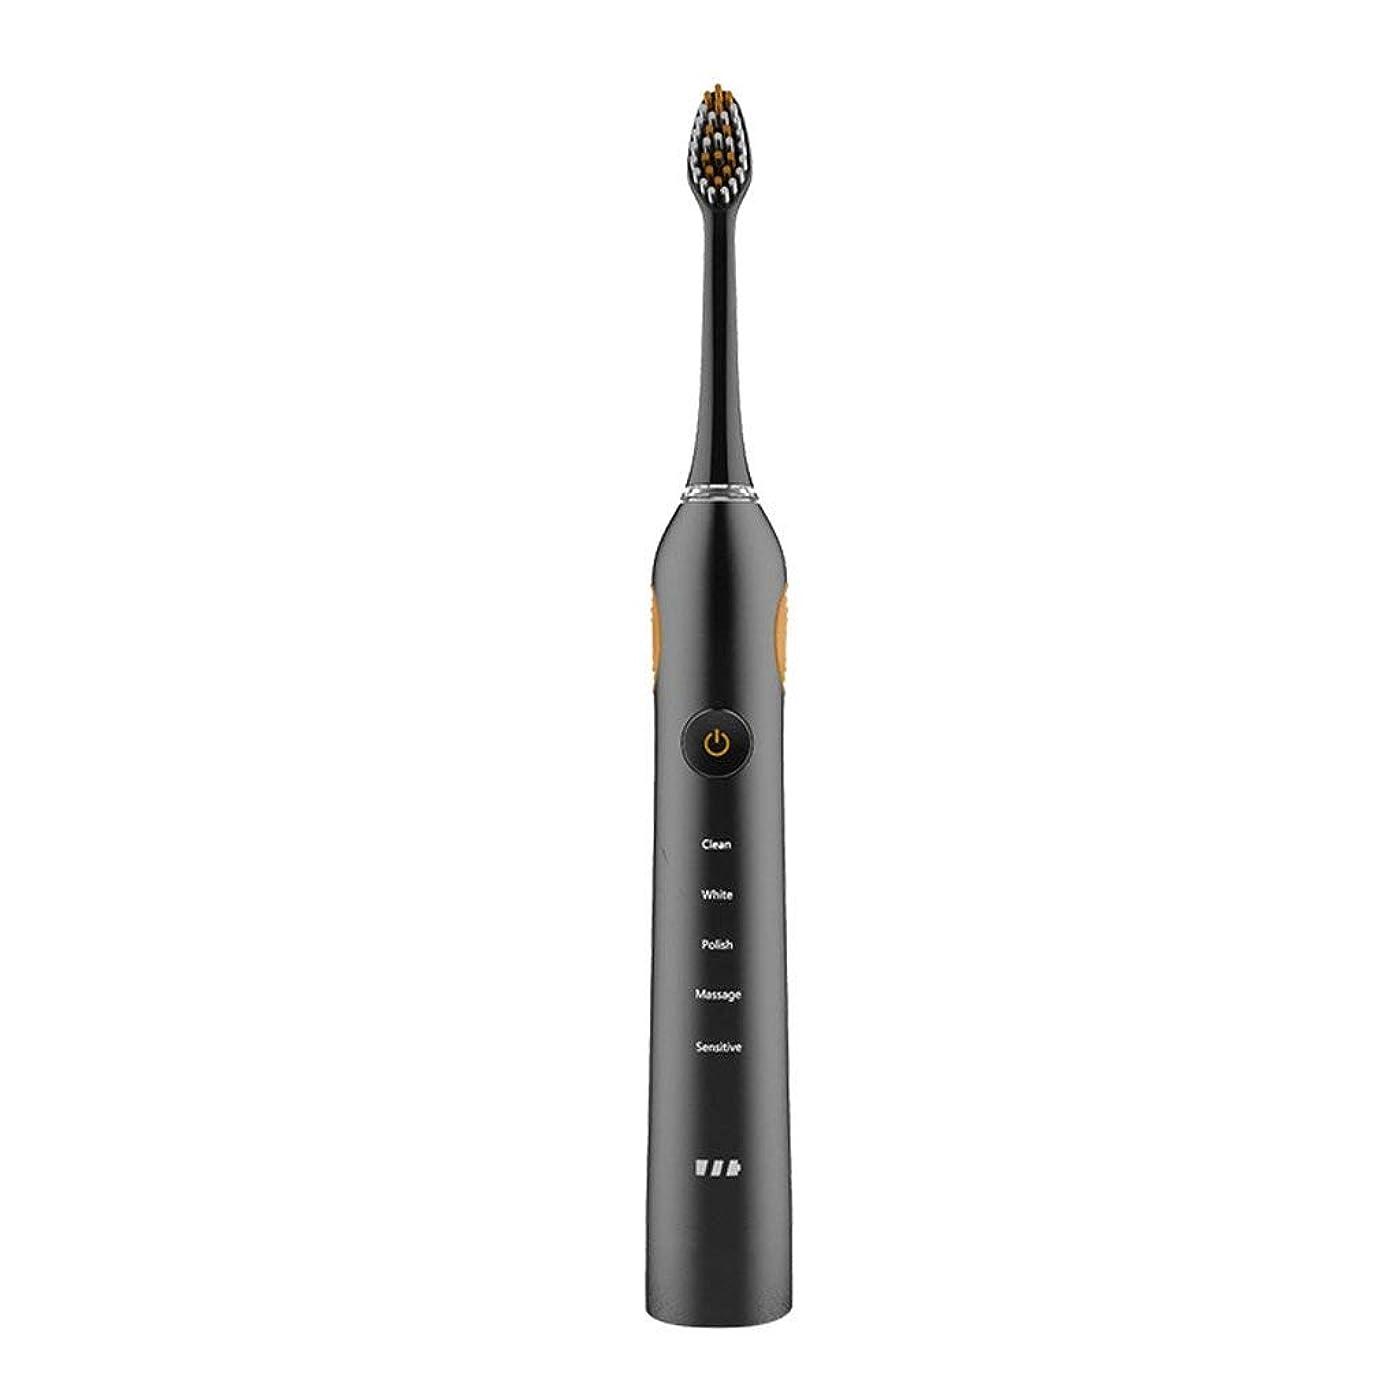 アルバニー一緒かなり音波歯ブラシIPX7防水電動歯ブラシ低ノイズ電動歯ブラシ2交換ヘッド5ブラッシングモード(色:B)